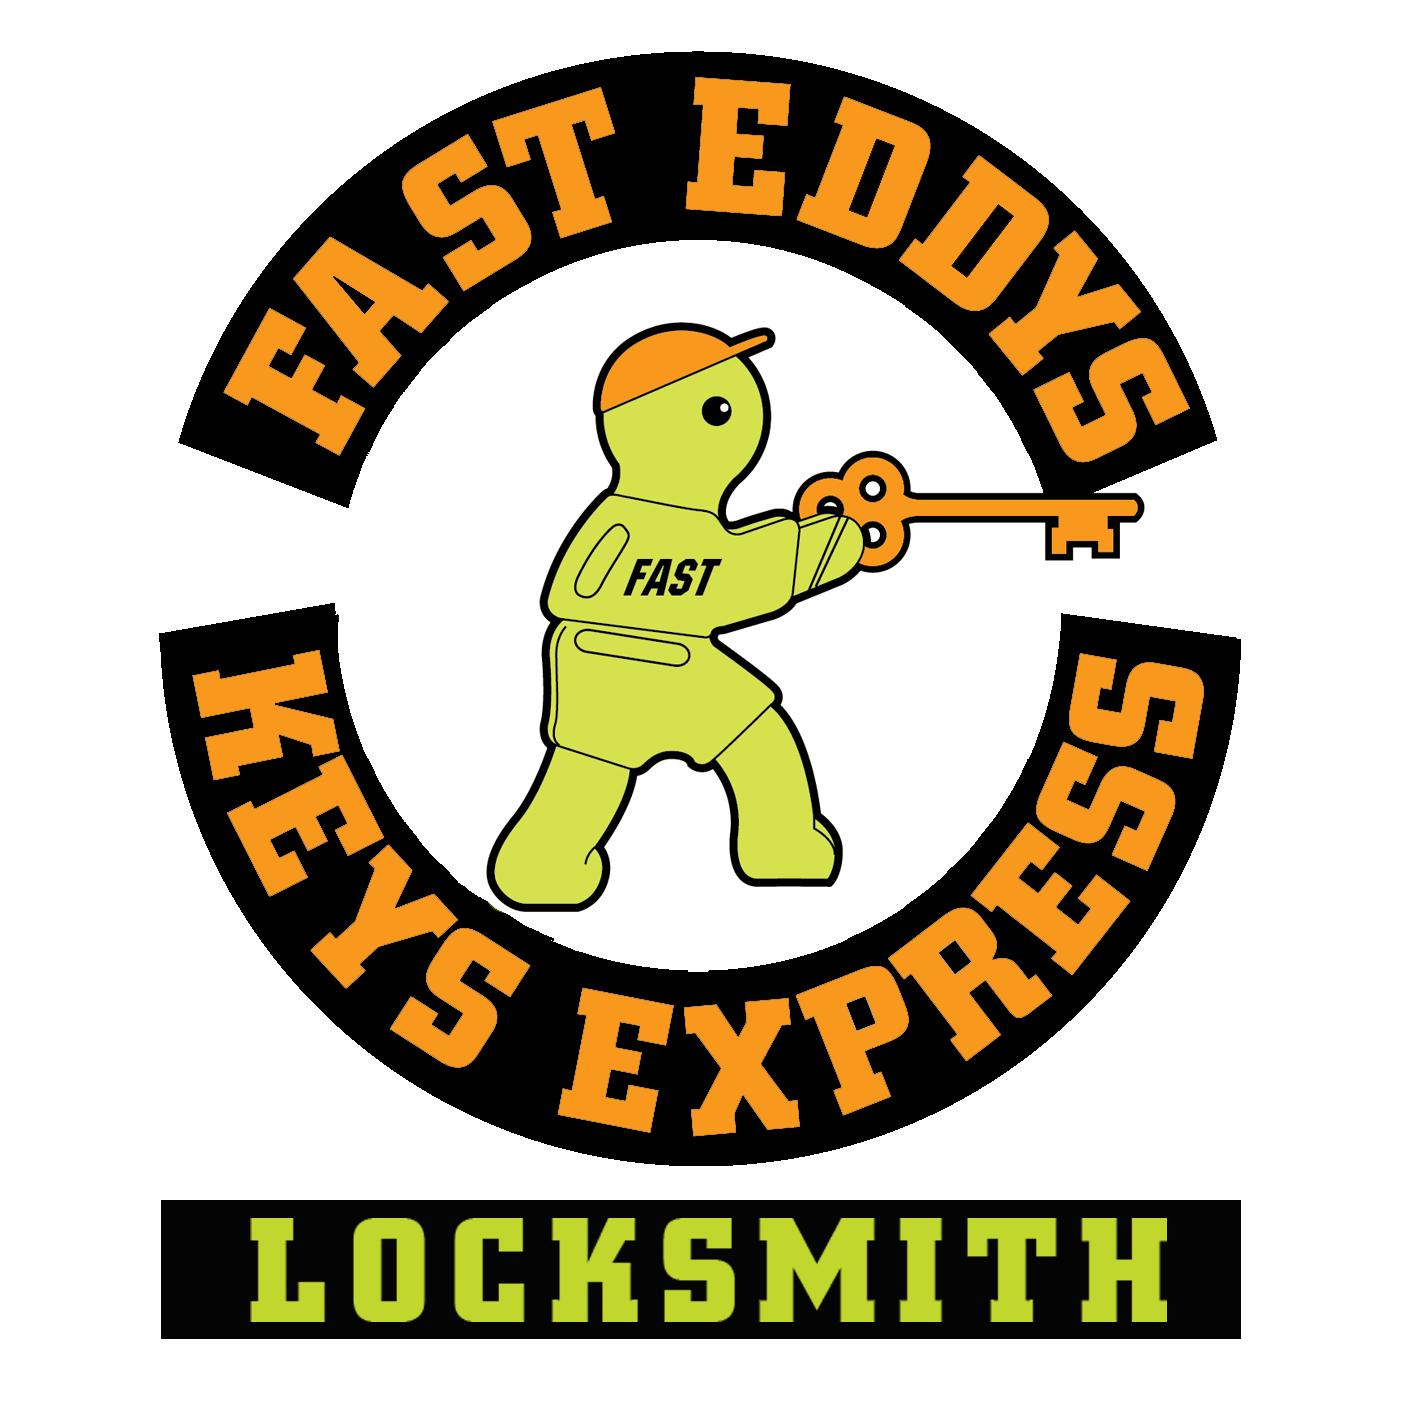 Fast Eddy Keys Express